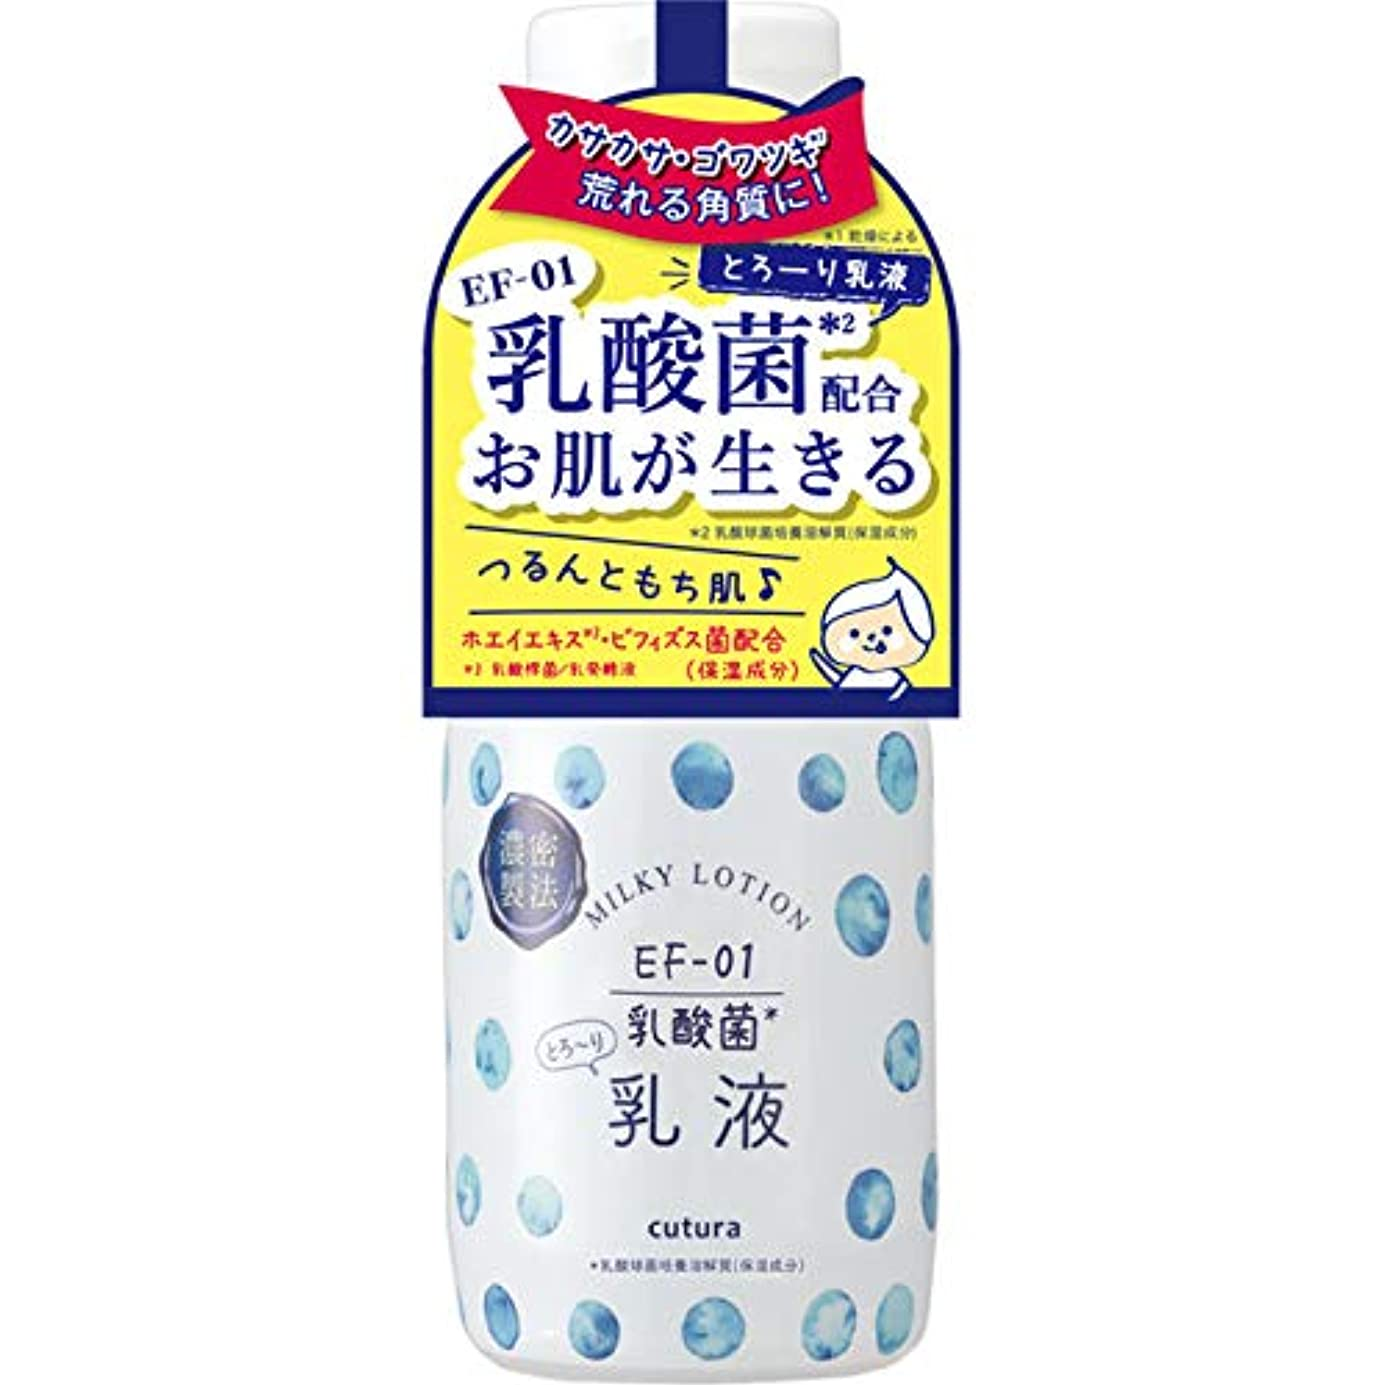 管理ポンド衣類pdc キュチュラ とろーり乳液 N 200ml